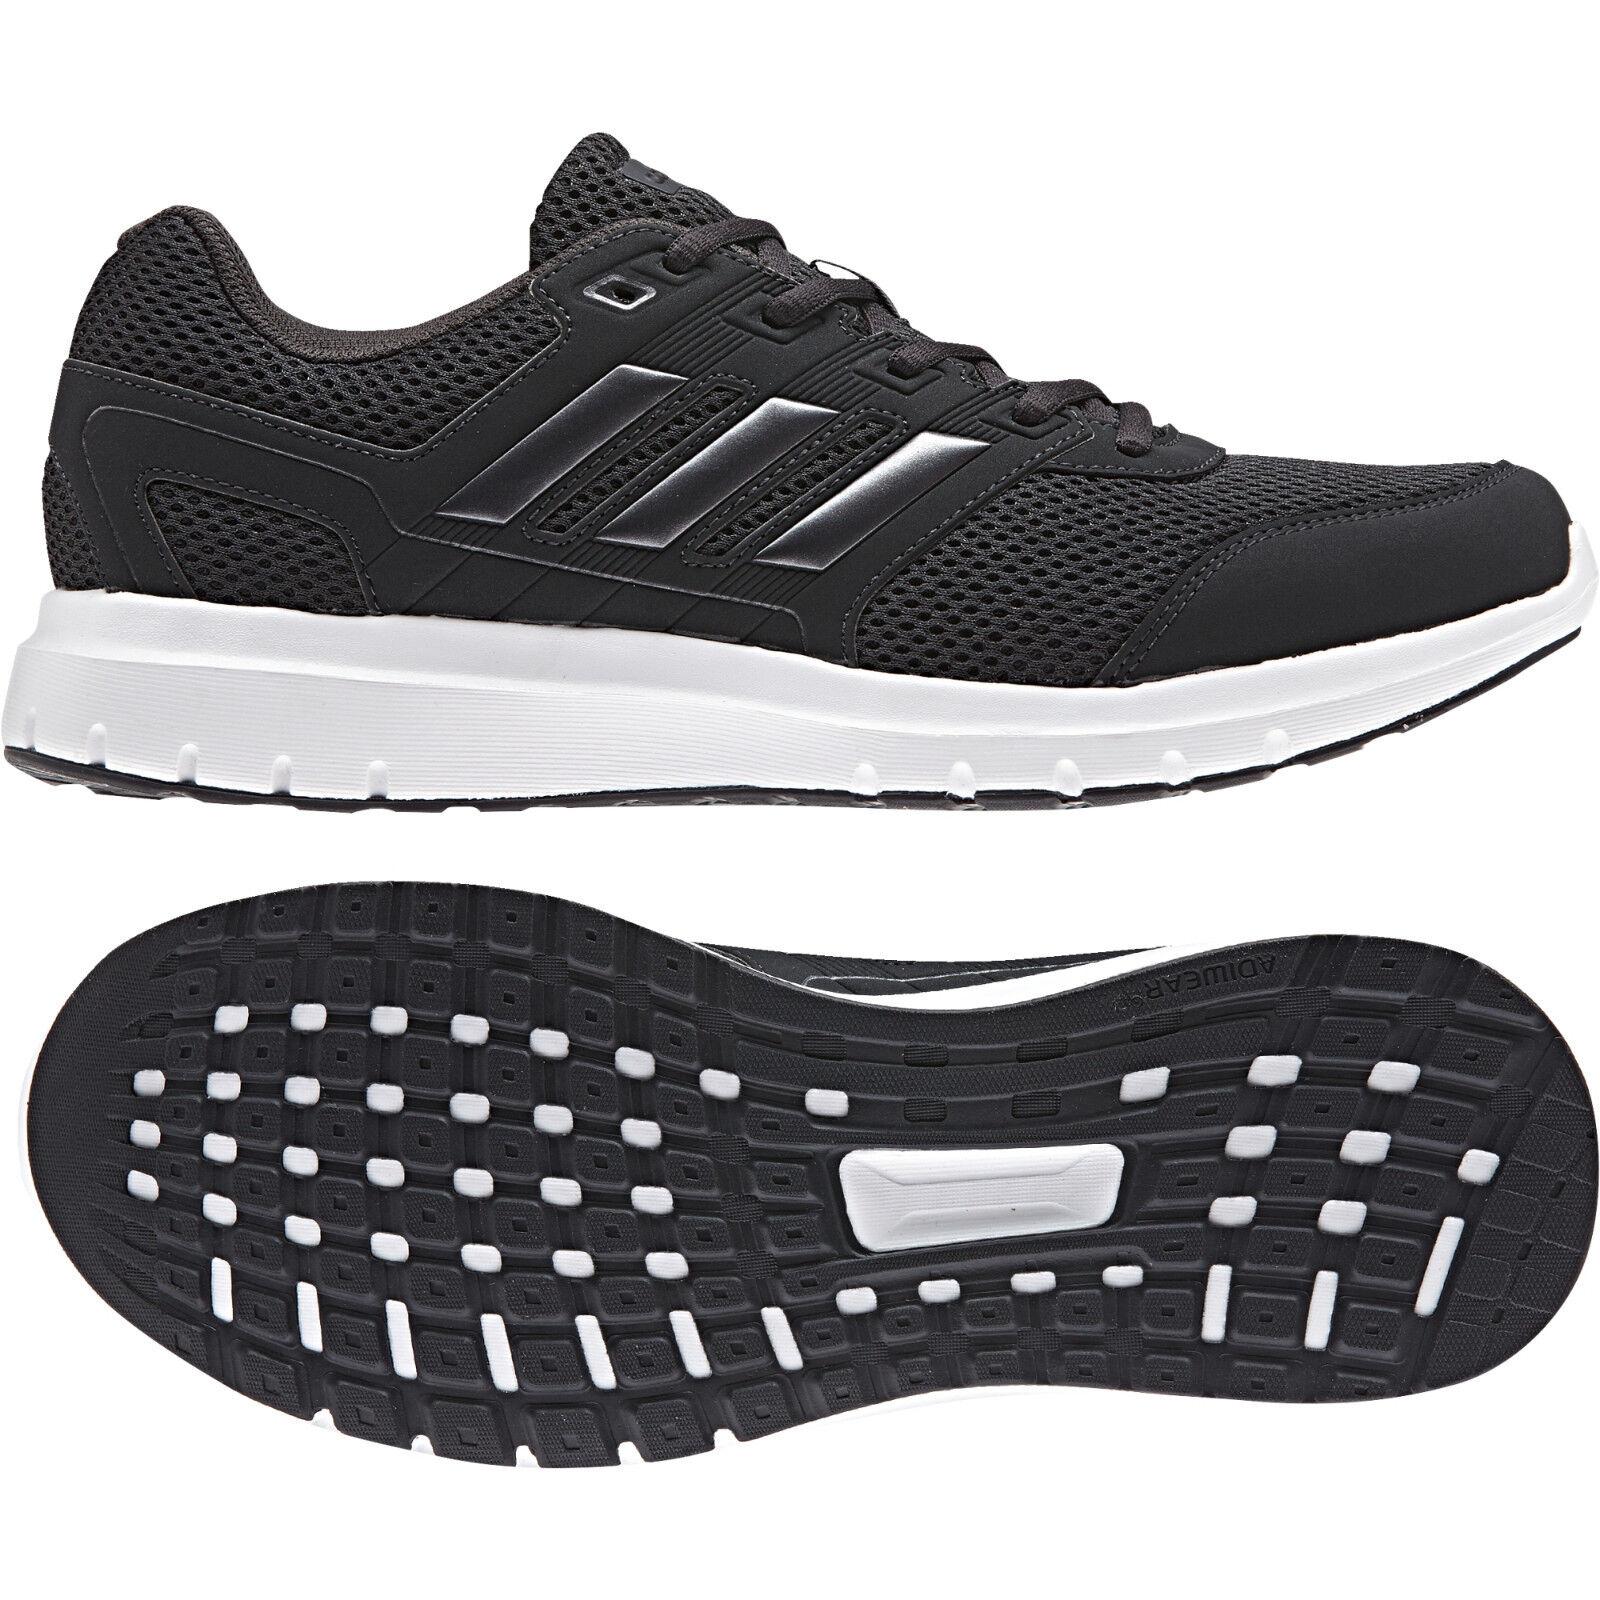 Hombres Zapatillas adidas Negro Duramo Lite 2.0 formación Trabajo gimnasio Negro adidas cg4044 New Wild Casual Shoes 771707